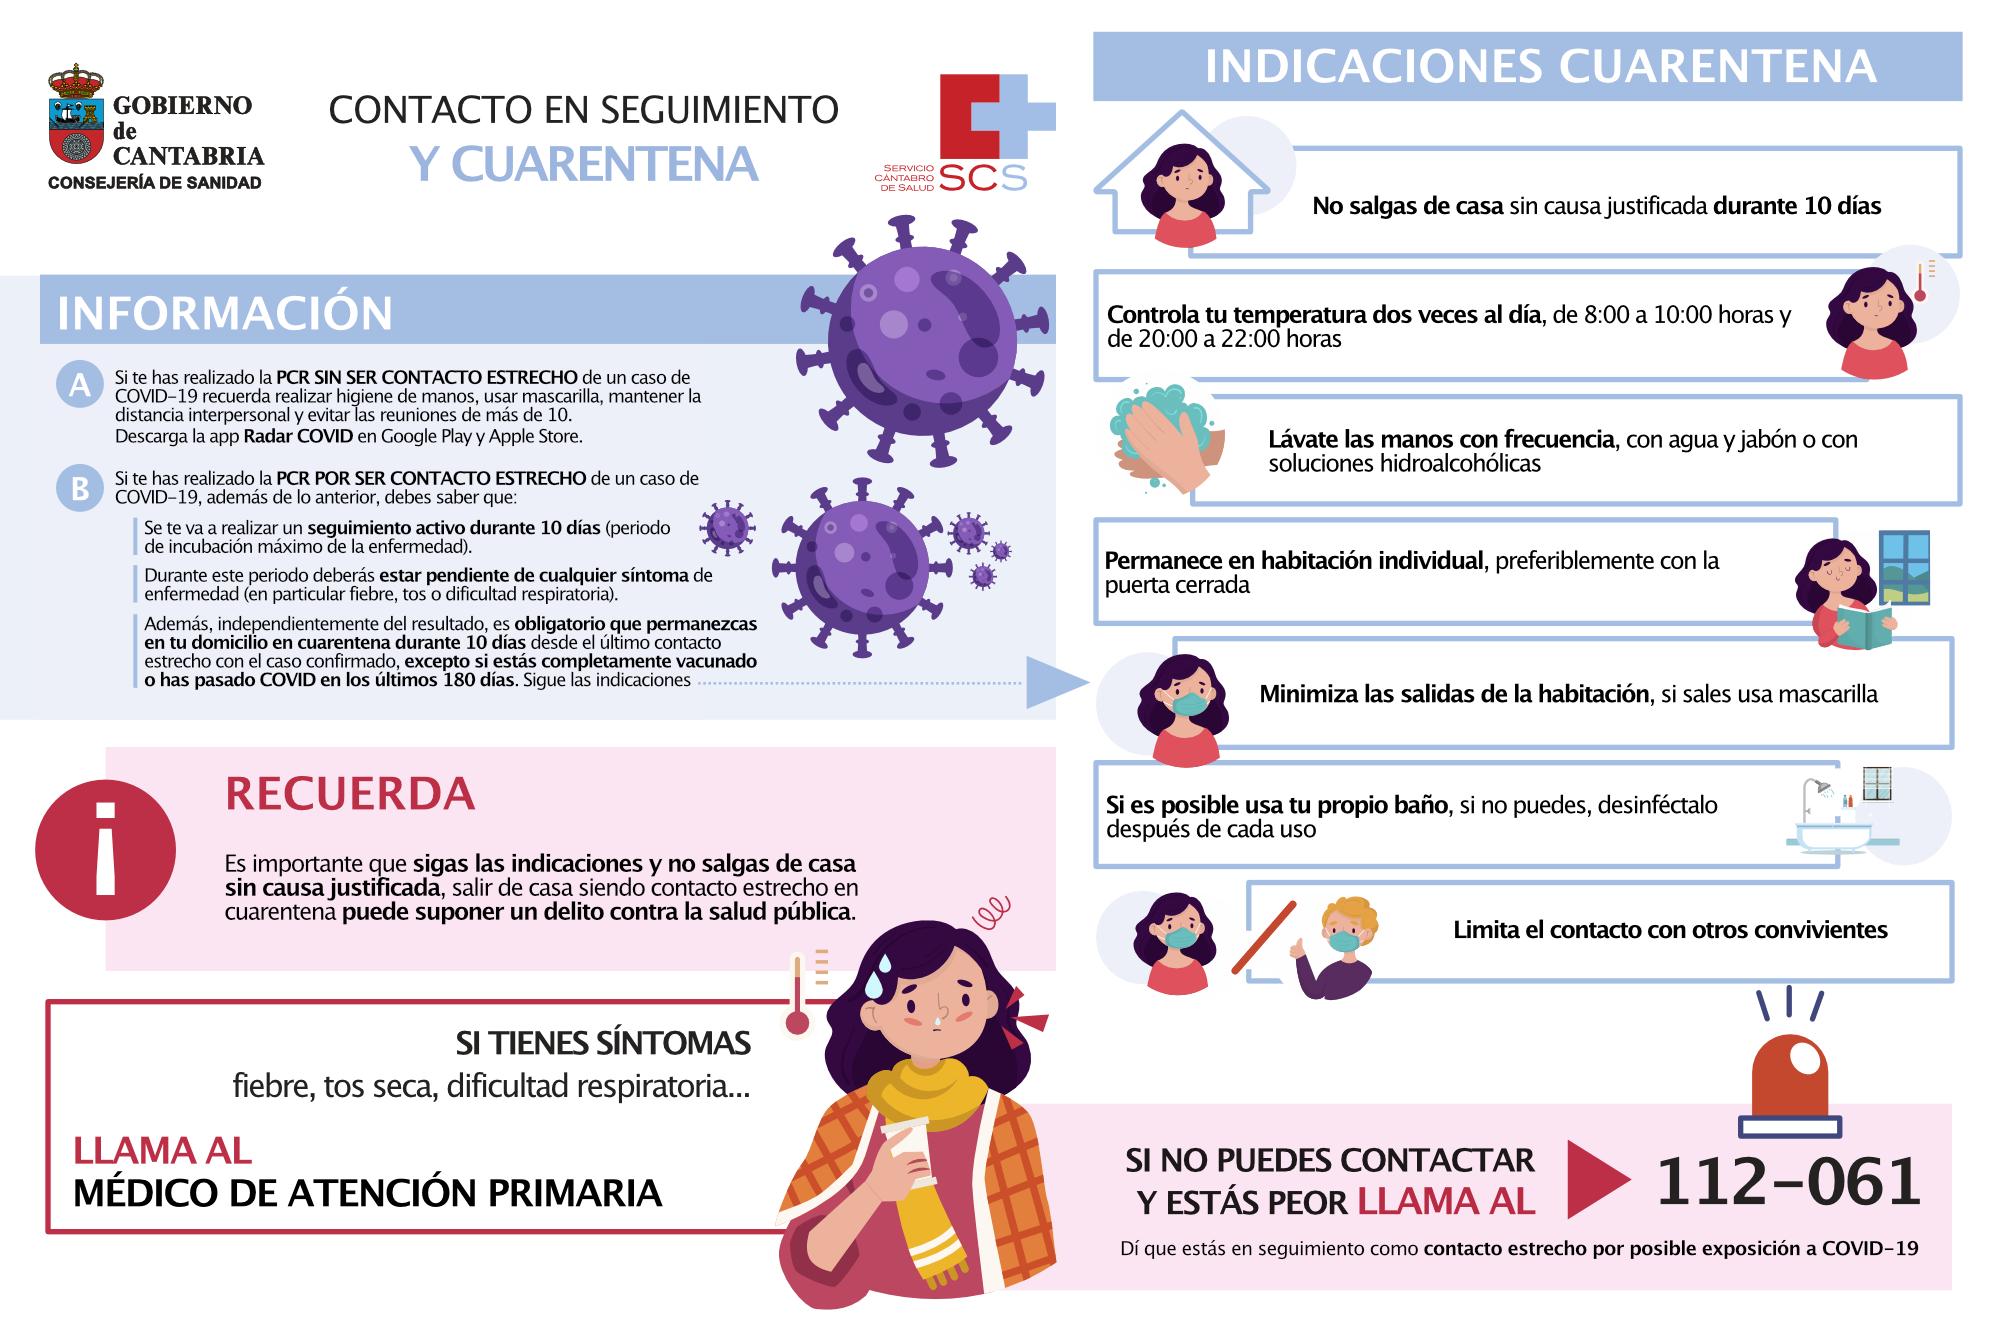 Contacto en seguimiento y cuarentena.png